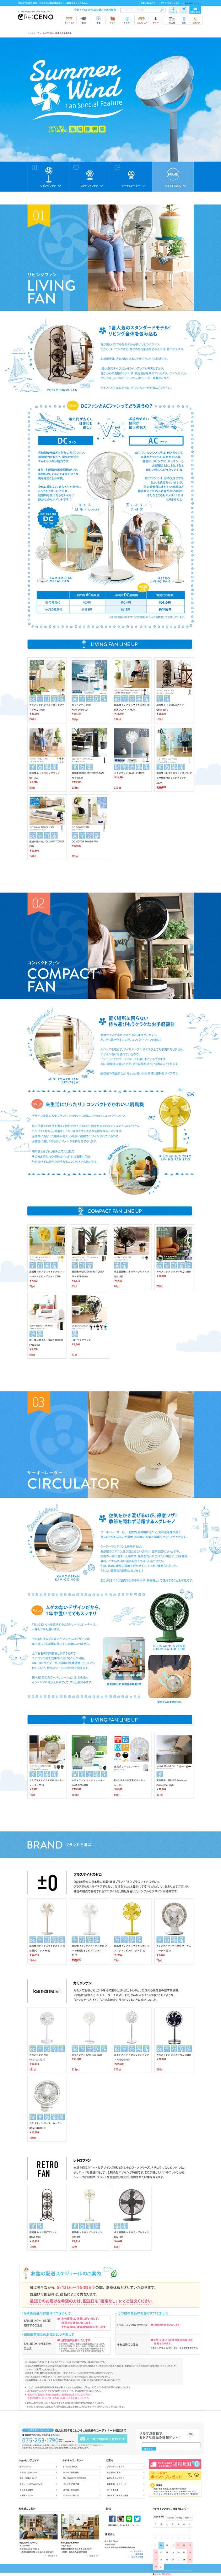 Re:CENO 2015年夏の扇風機特集 - 随所にあしらわれた手描きのイラストが素敵♡|Landingpage, LP, Webdesign, design, Blue, Handdrawn